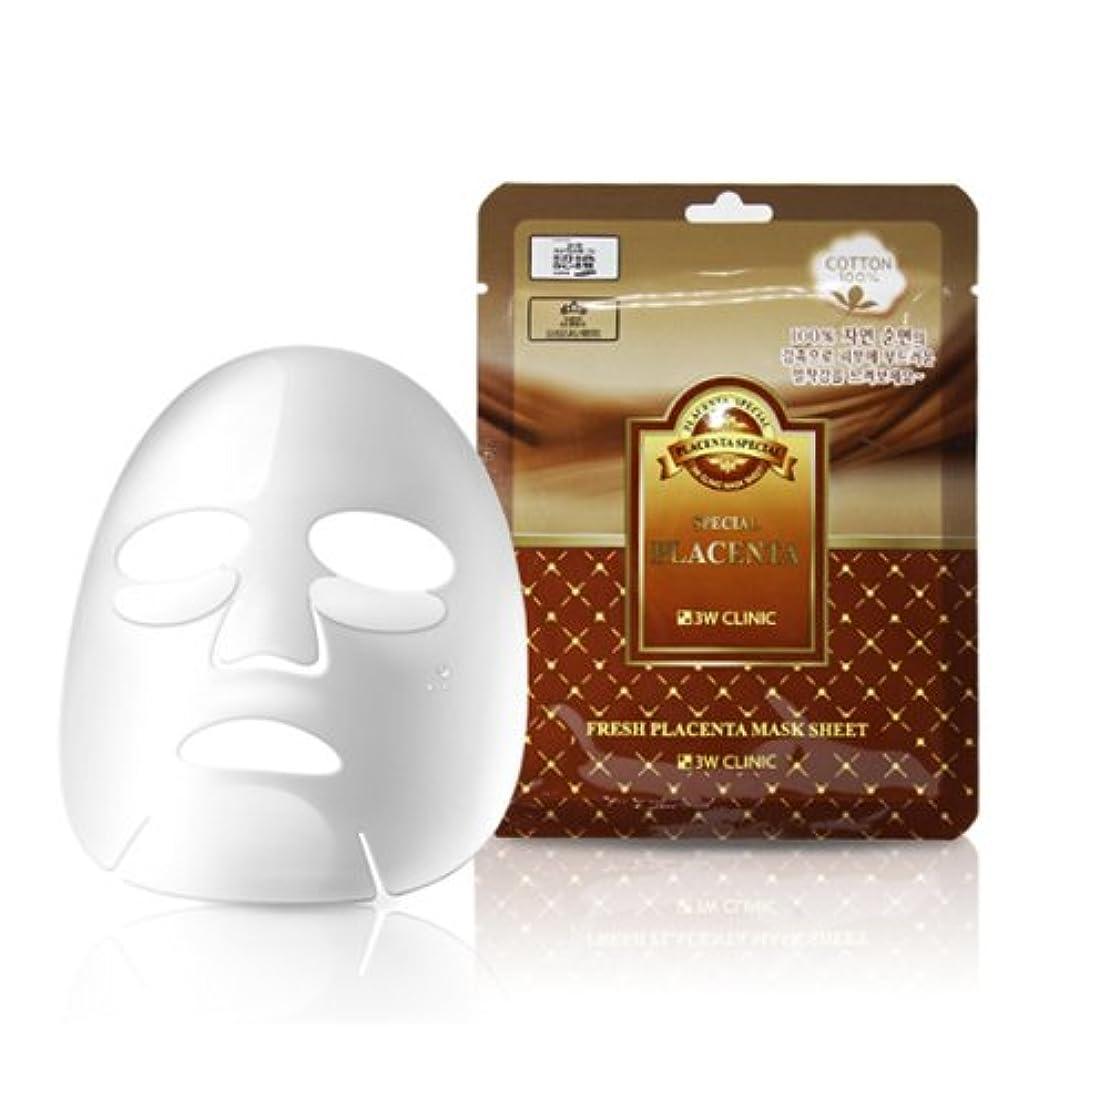 二アシュリータファーマン劣る3Wクリニック[韓国コスメ3w Clinic]Premium Placenta Mask Pack プレミアムプラセンタシートマスクパック10枚[並行輸入品]